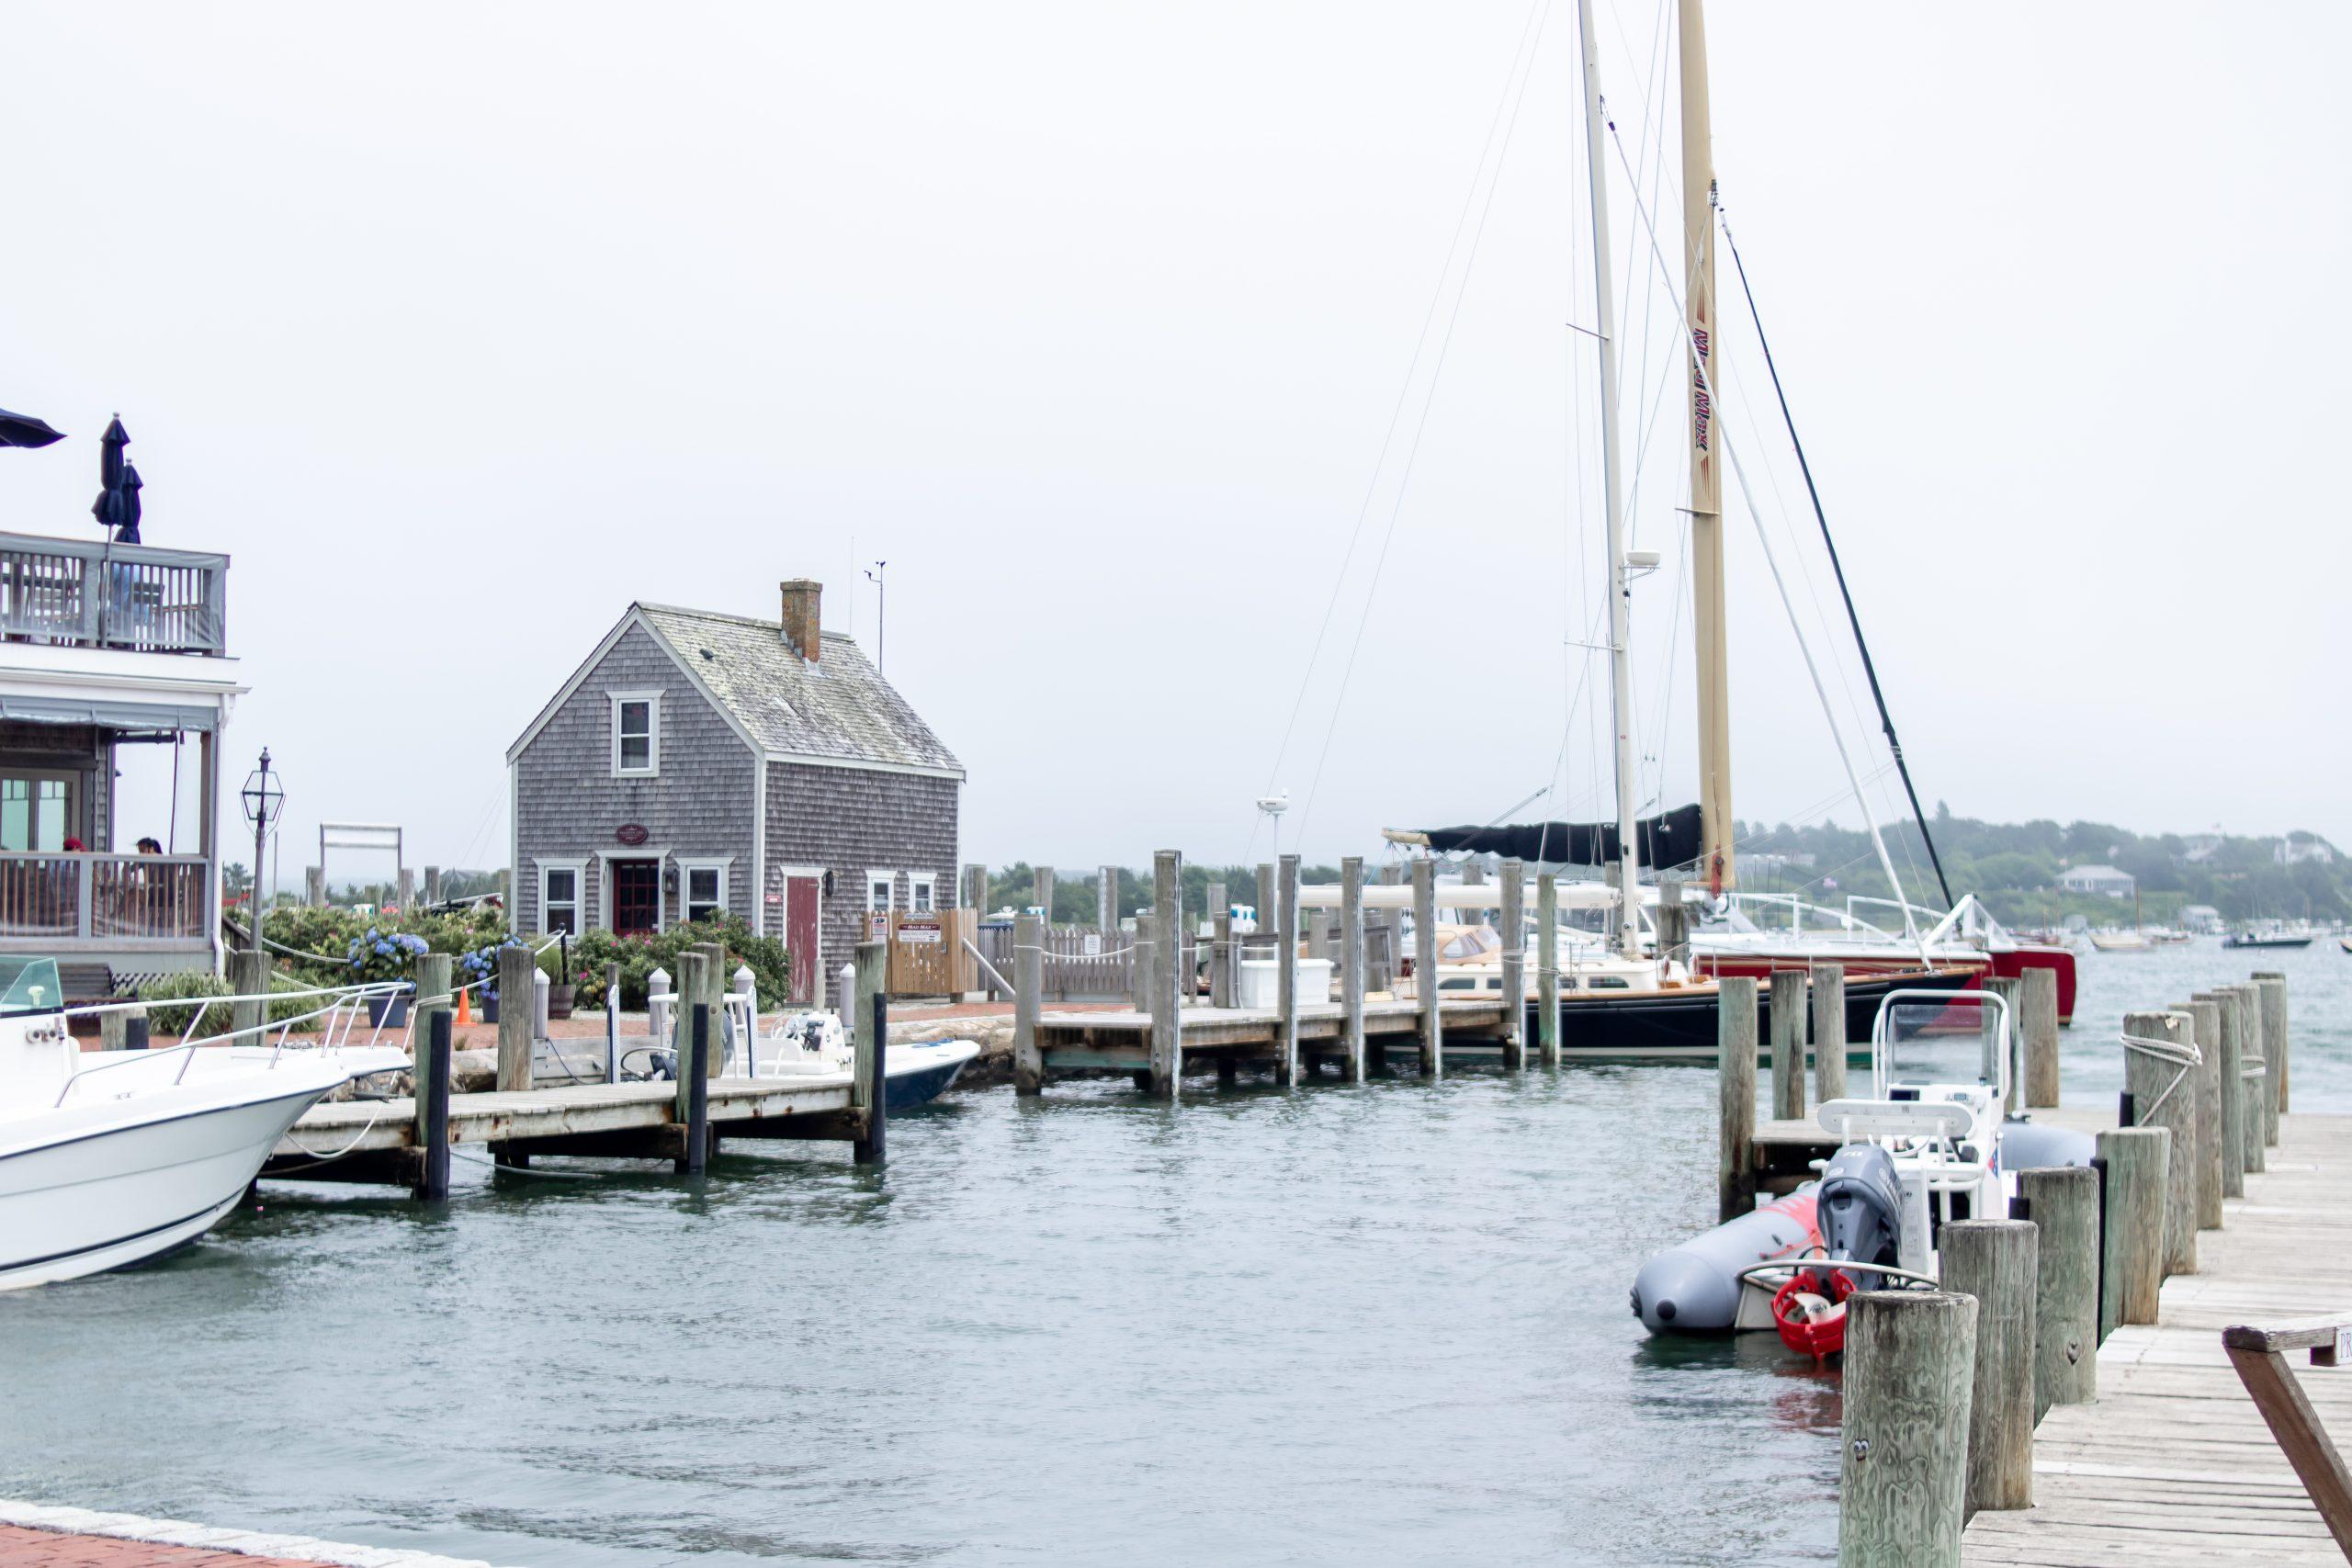 Edgartown, Martha's Vineyard - Harbor Boats